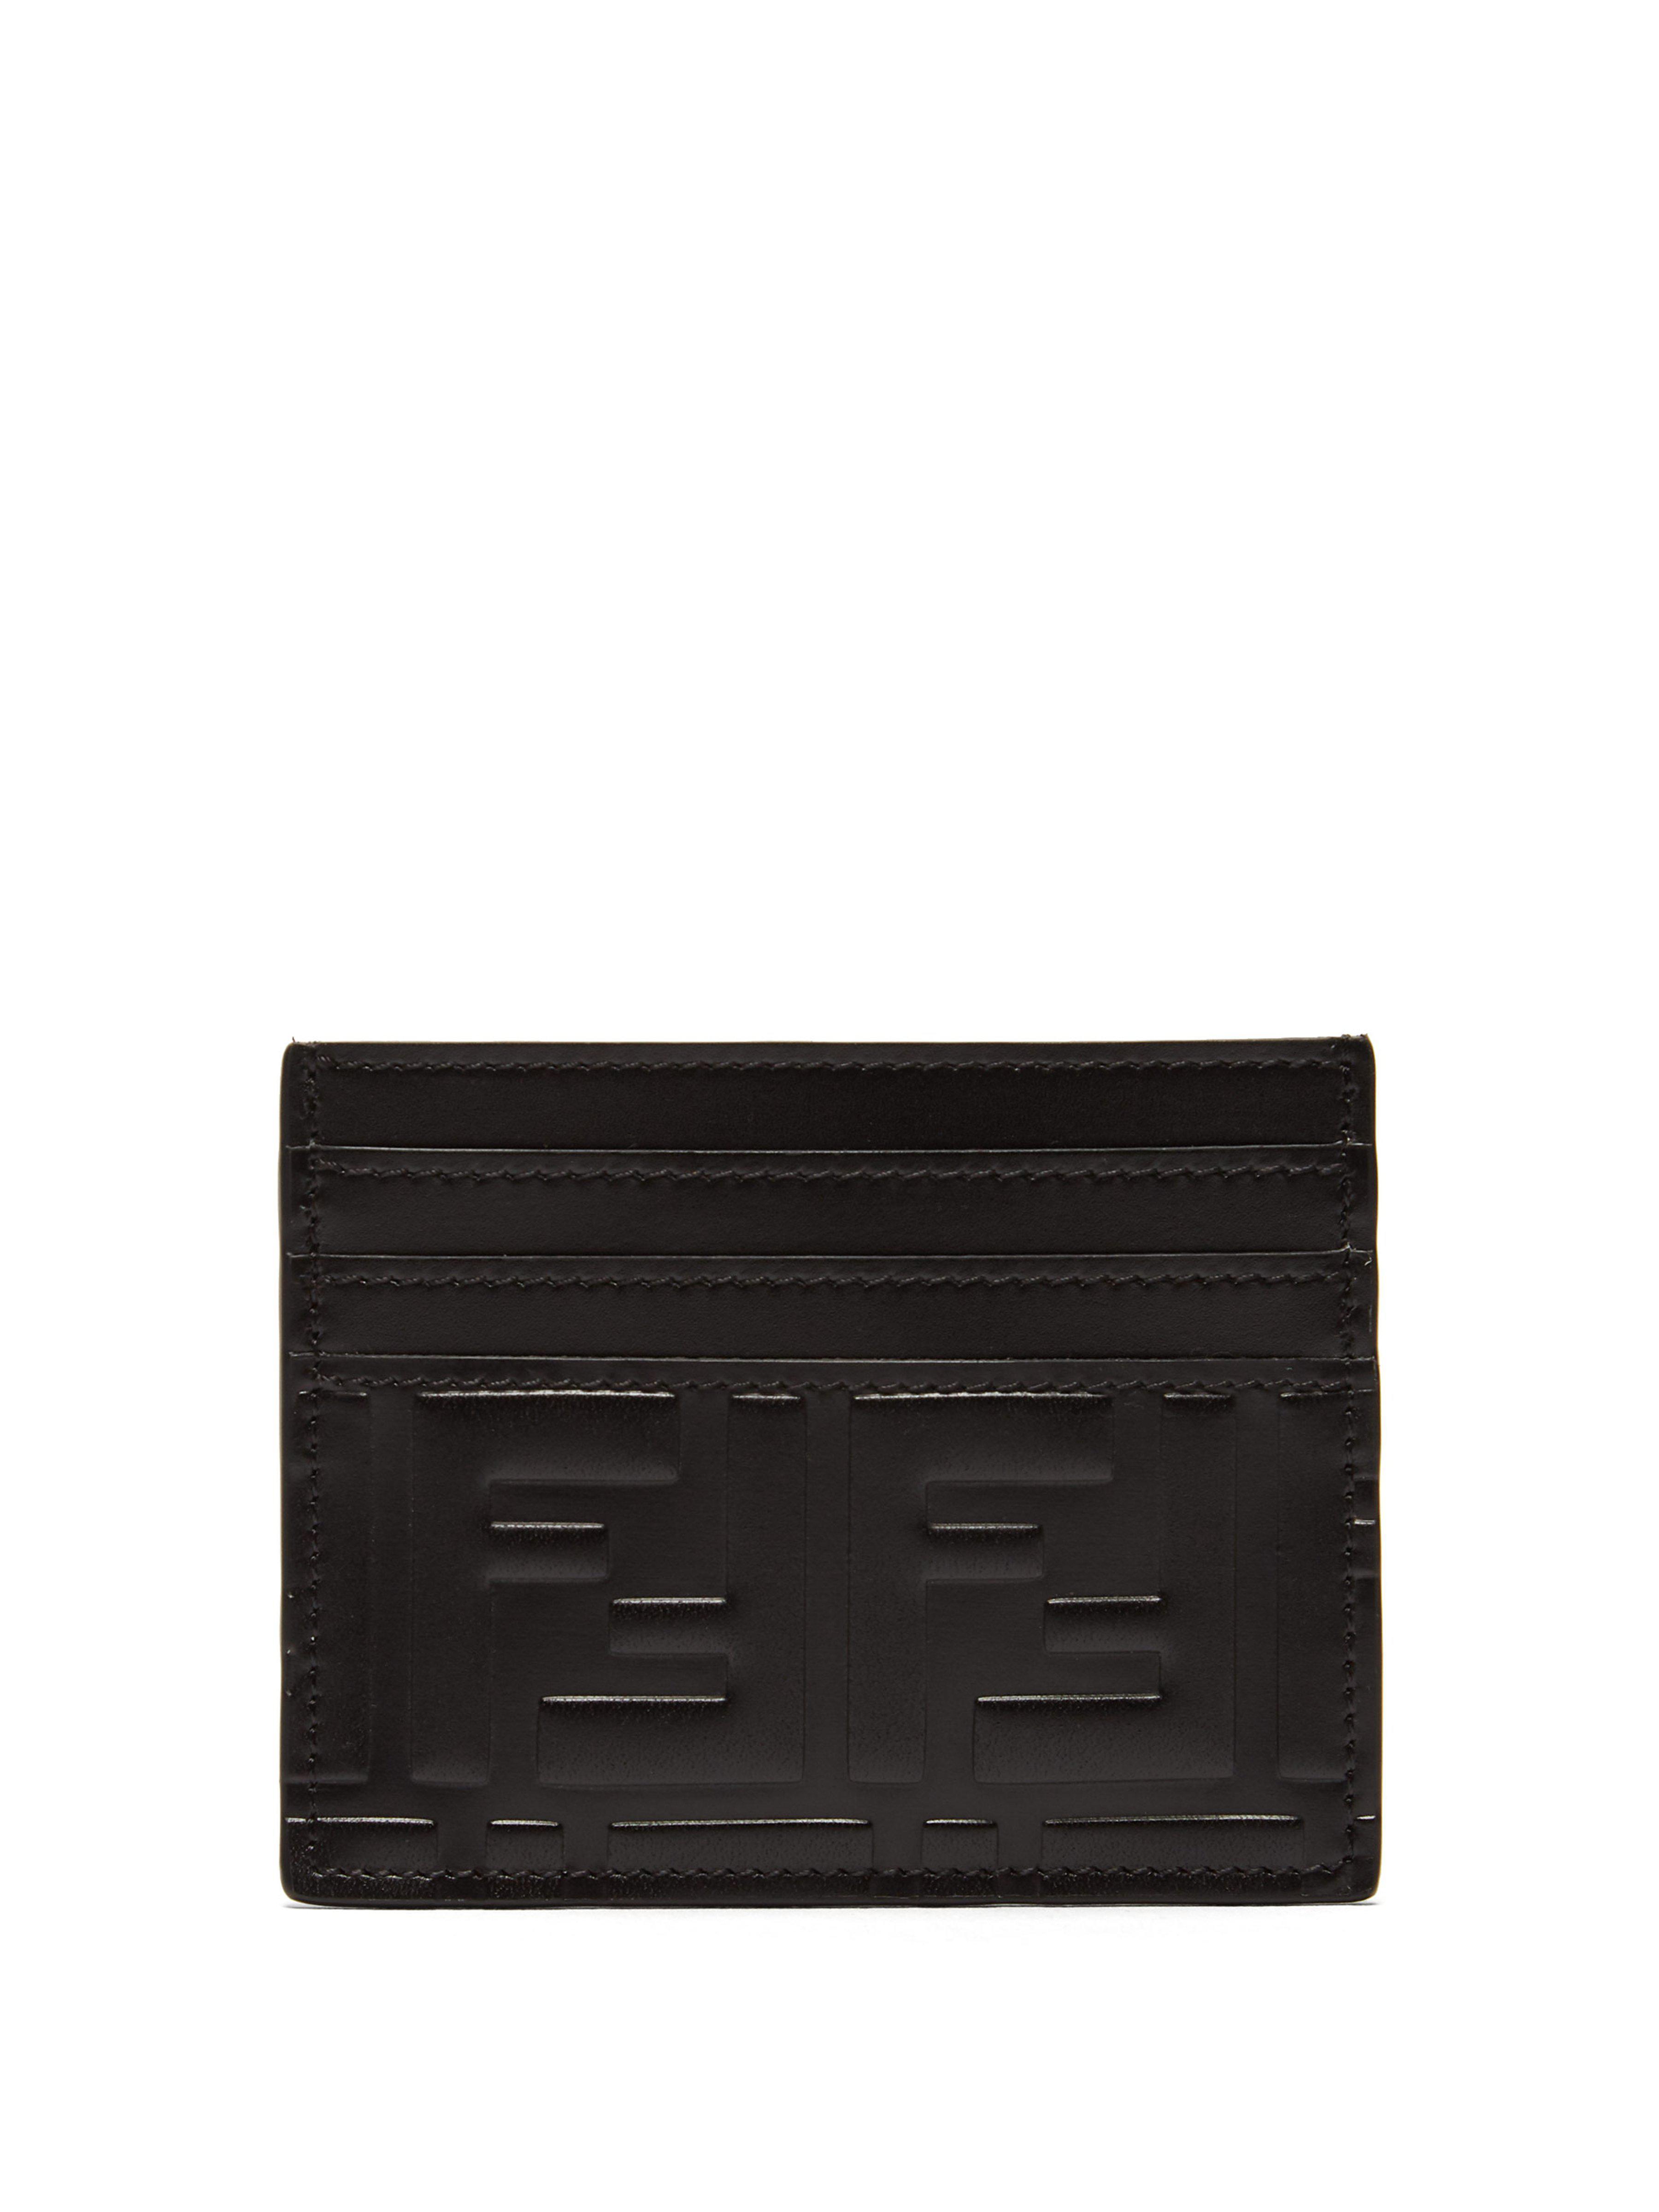 44c7d90d385 Lyst - Porte-cartes en cuir à logo embossé Fendi pour homme en ...